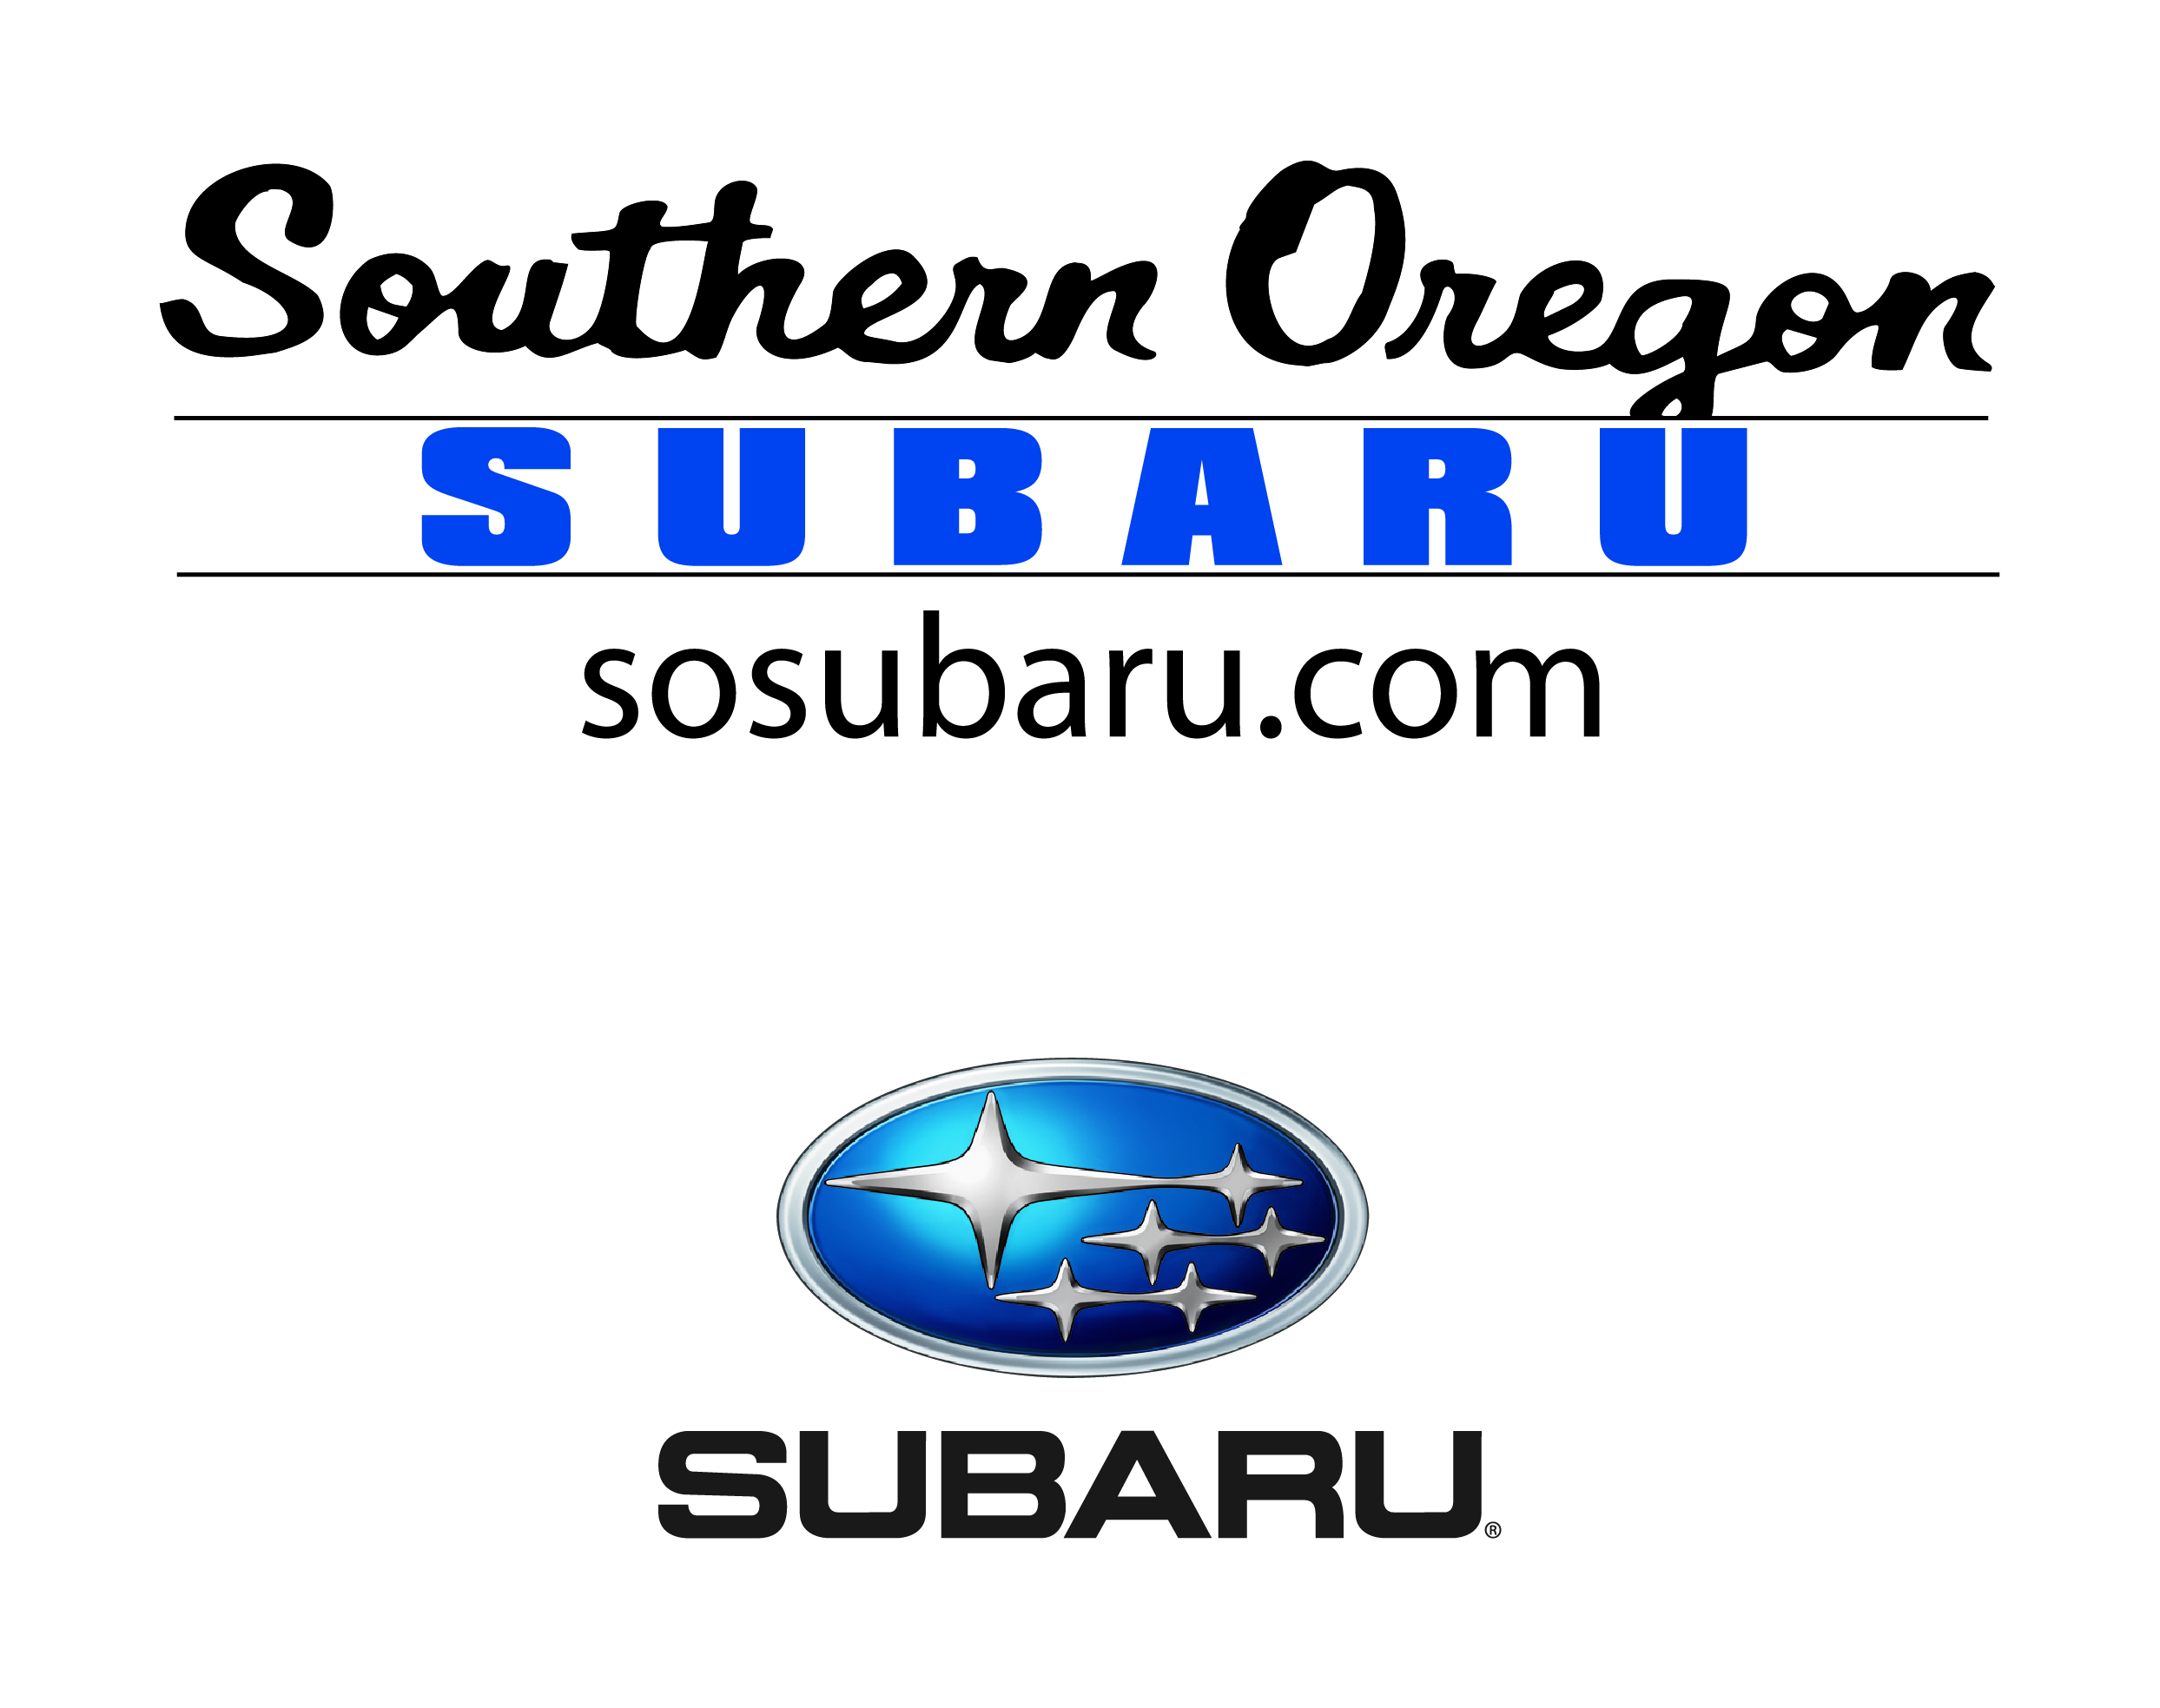 SOS-Subaru-web-logo vert color